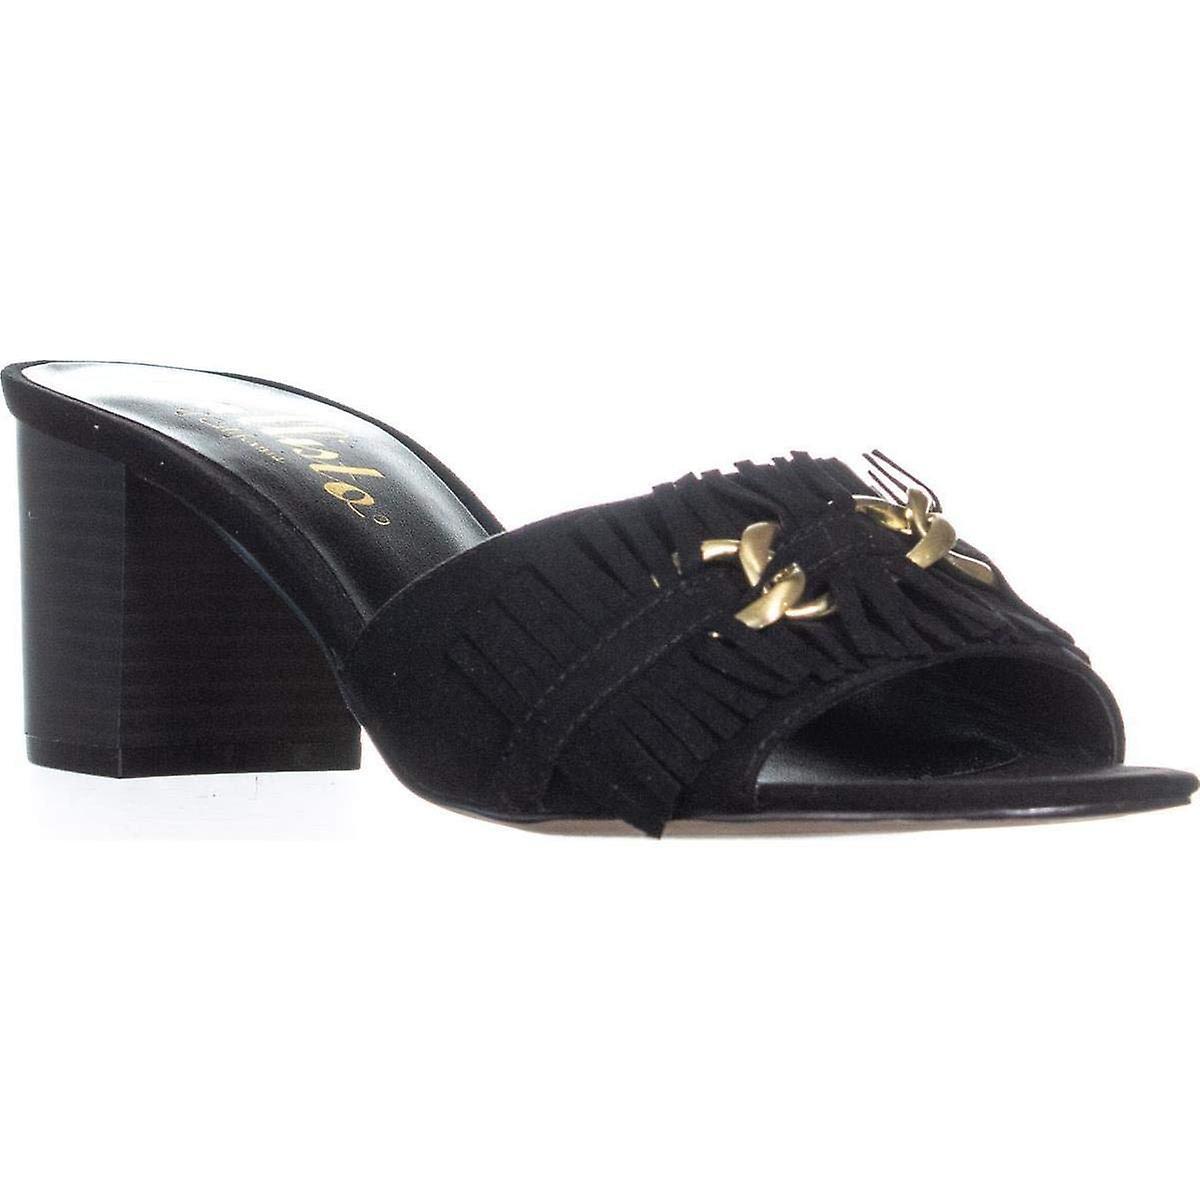 Callisto Taaj Tassel Chain Block Heel Sandals, Nero, 9 US